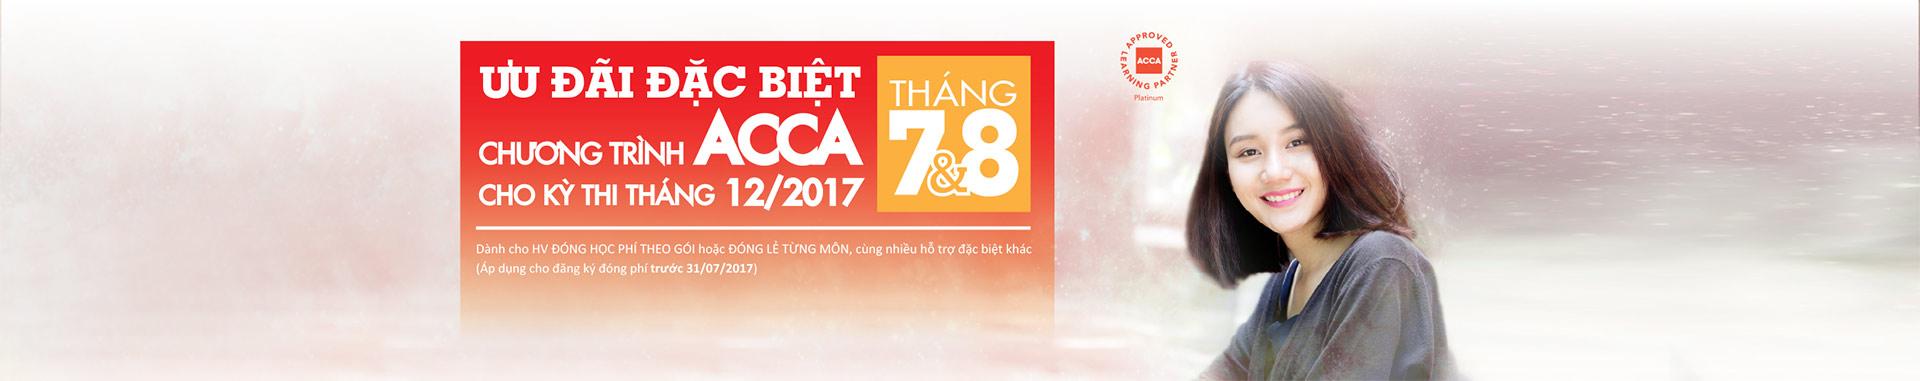 banner-web-uu-dai-acca-thang-7va8